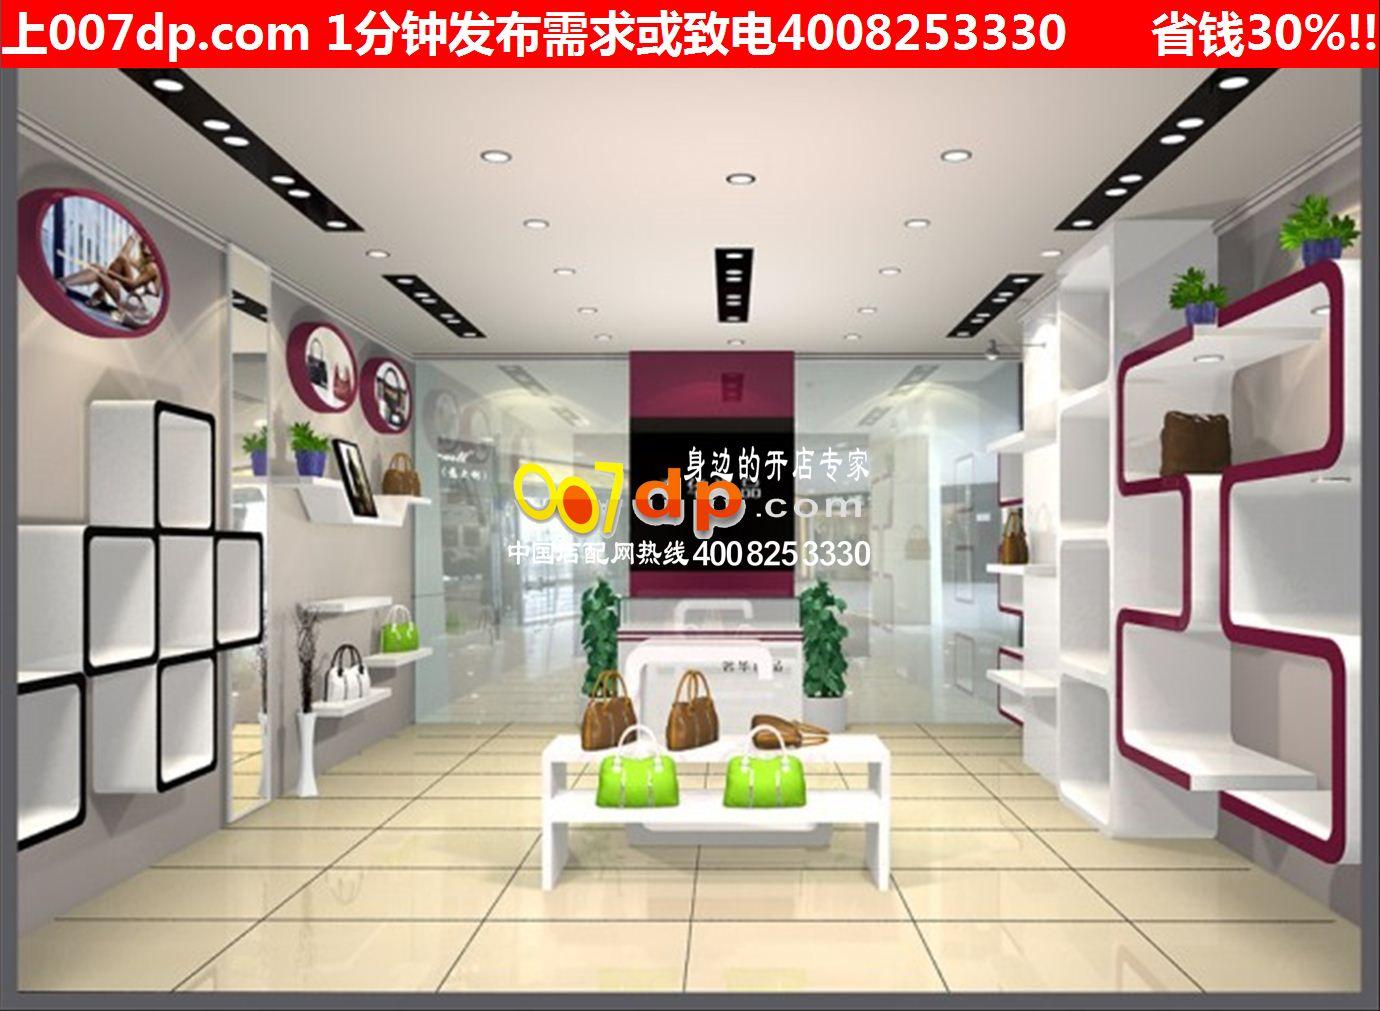 中国店配网鞋店展柜设计鞋店展柜效果图烤漆鞋柜展示柜